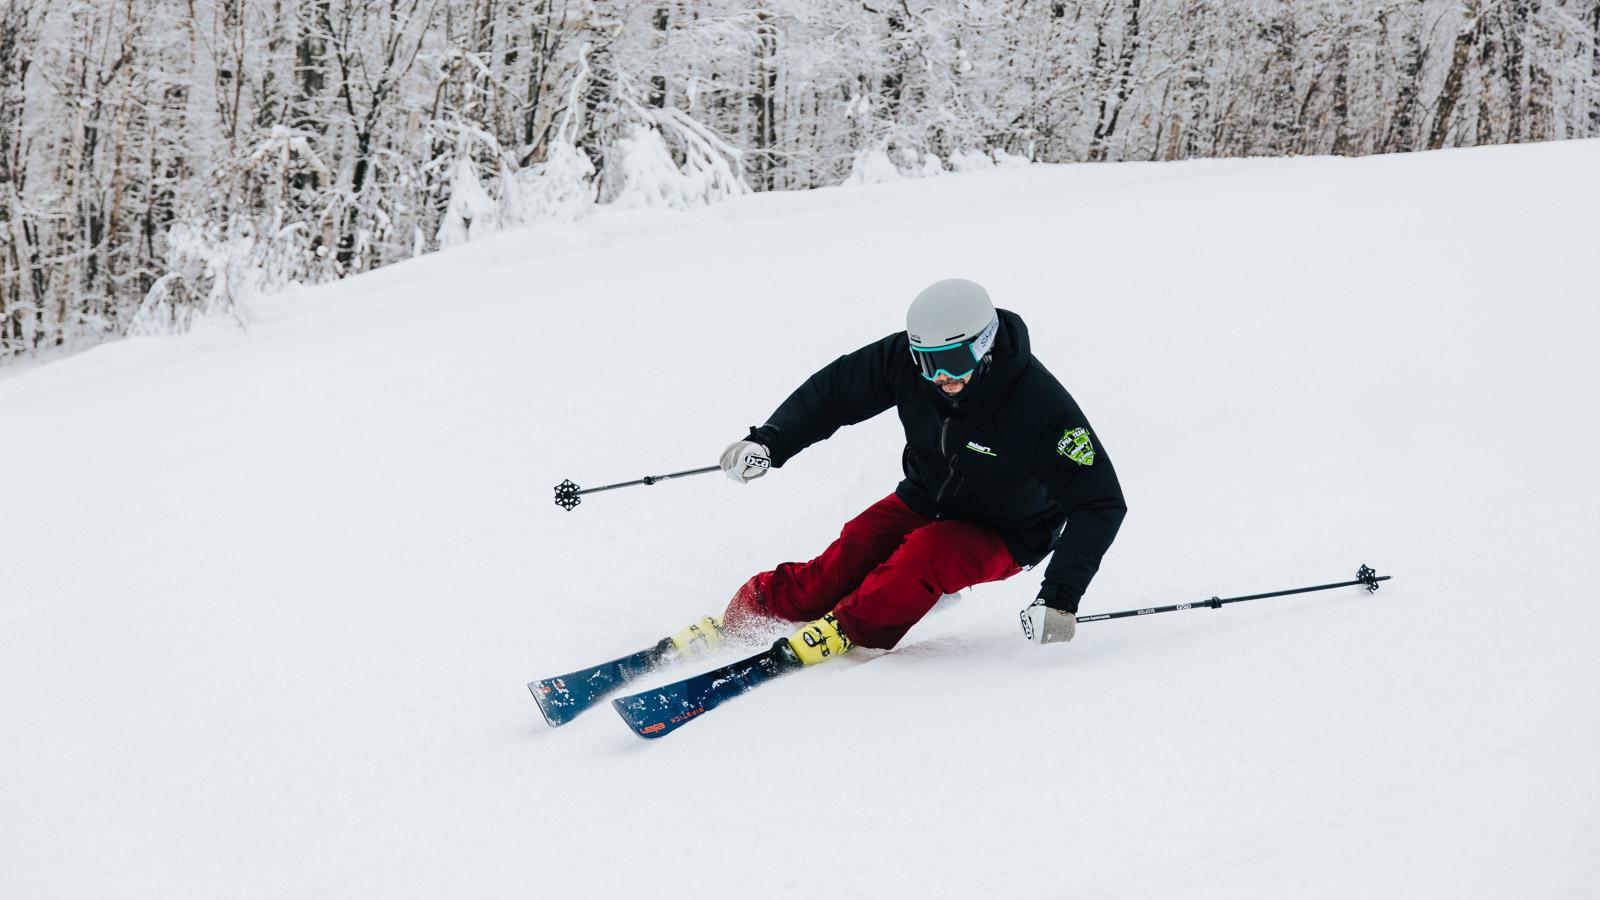 elan ripstick 88, the ski monster